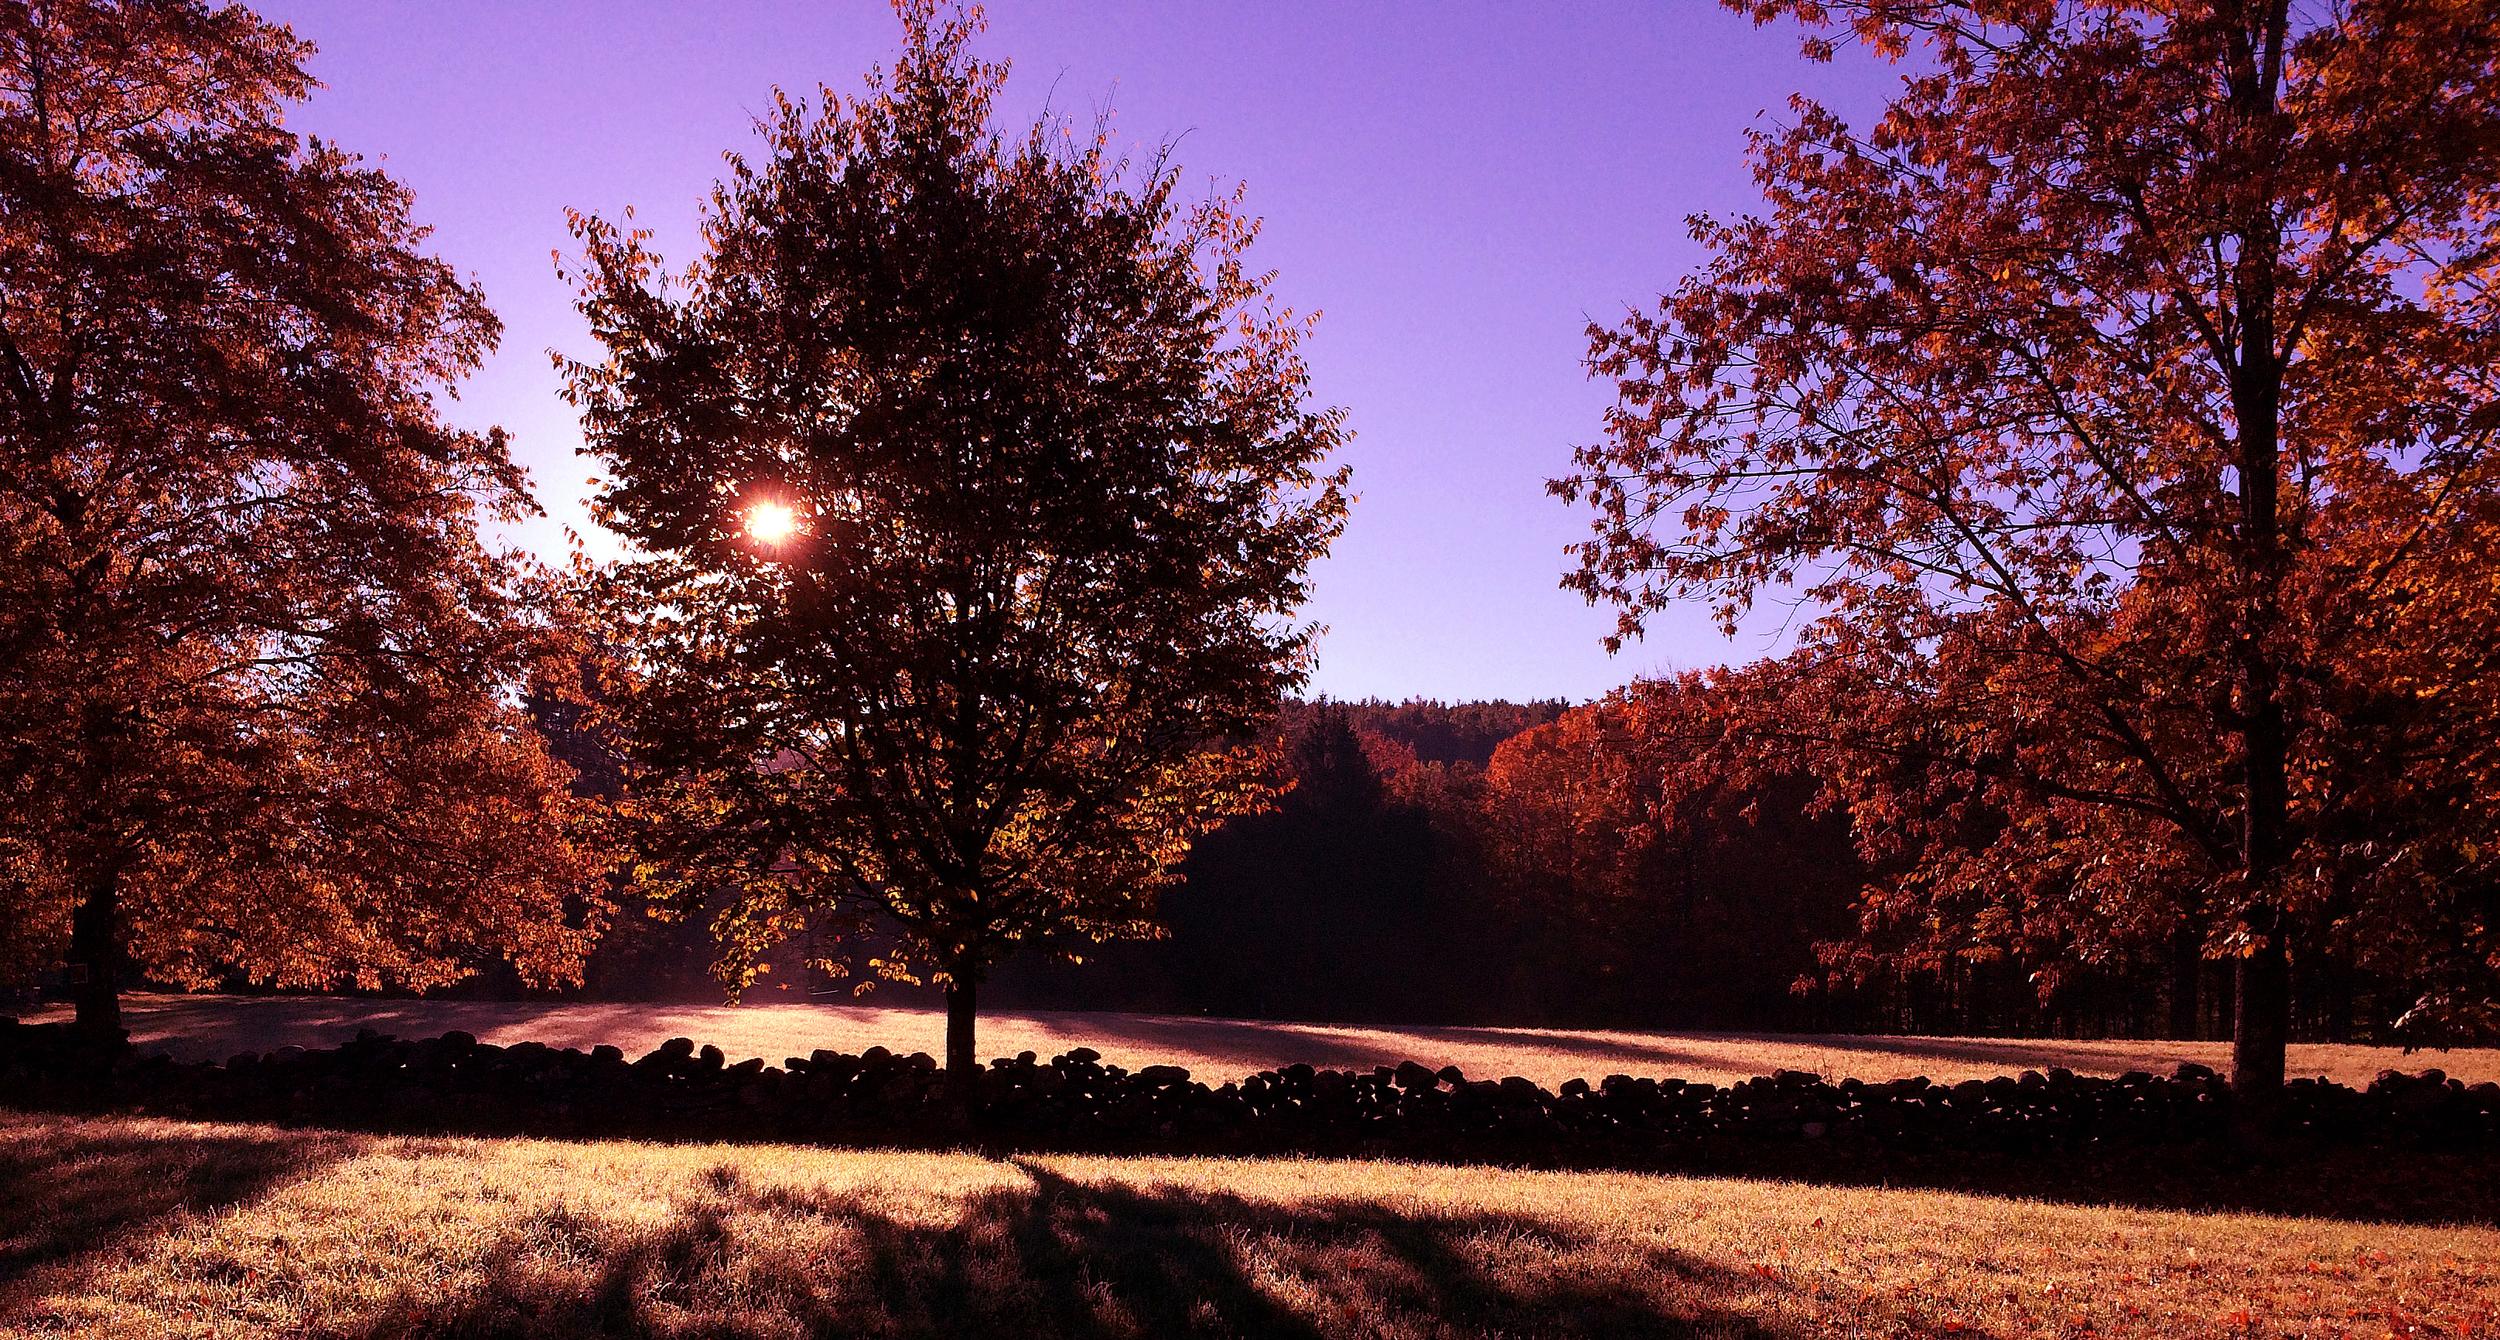 Morning Light by Dena T Bray